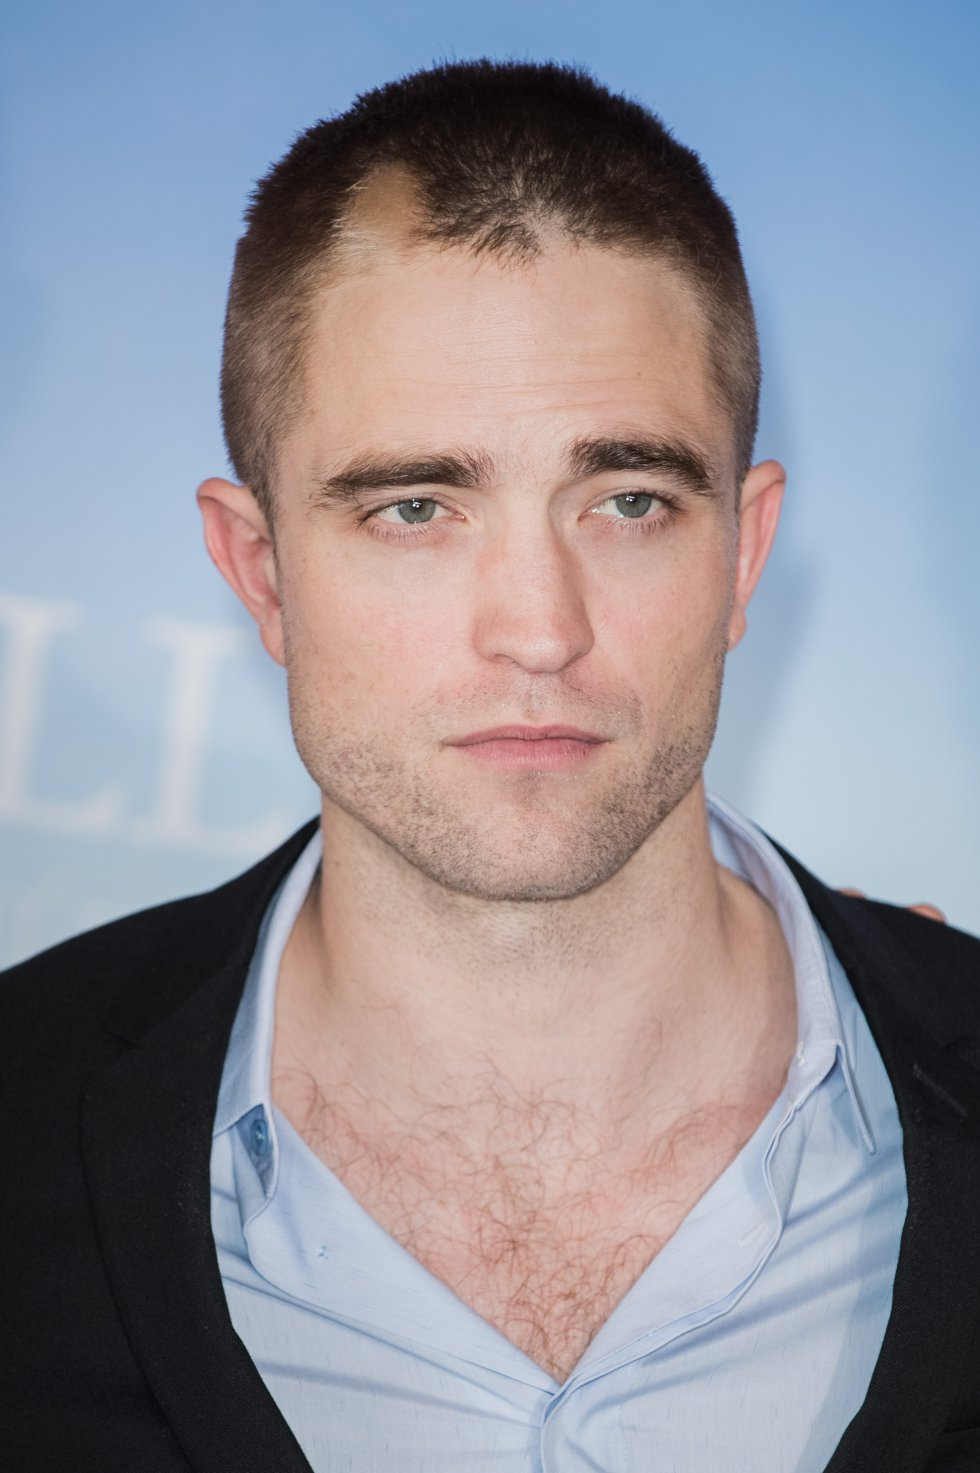 De acuerdo con el Centro de Cirugía Estética y Cosmética Facial Avanzada, en Londres, Pattinson posee una precisión del 92,15%de acuerdo a la Proporción Dorada de Beauty Phi, la cual, se basa en la armonia y proporción.